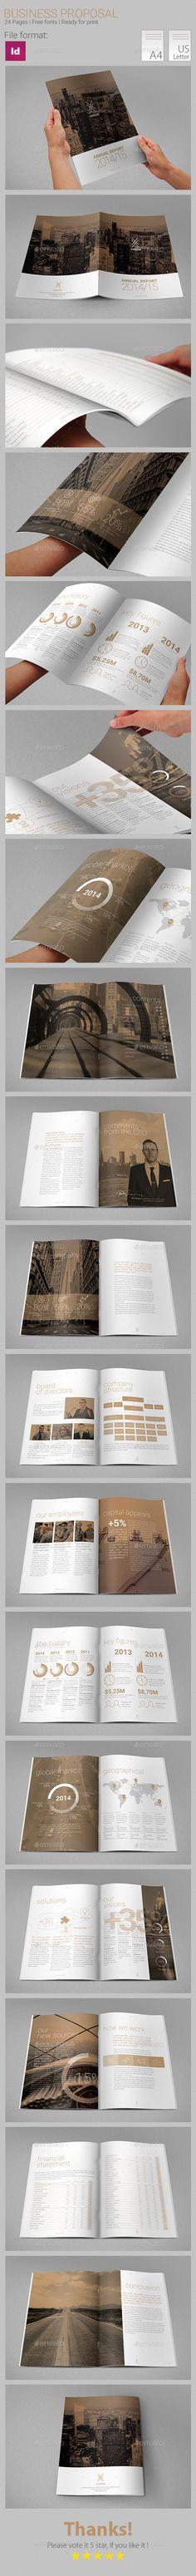 Annual Report _ XimXon